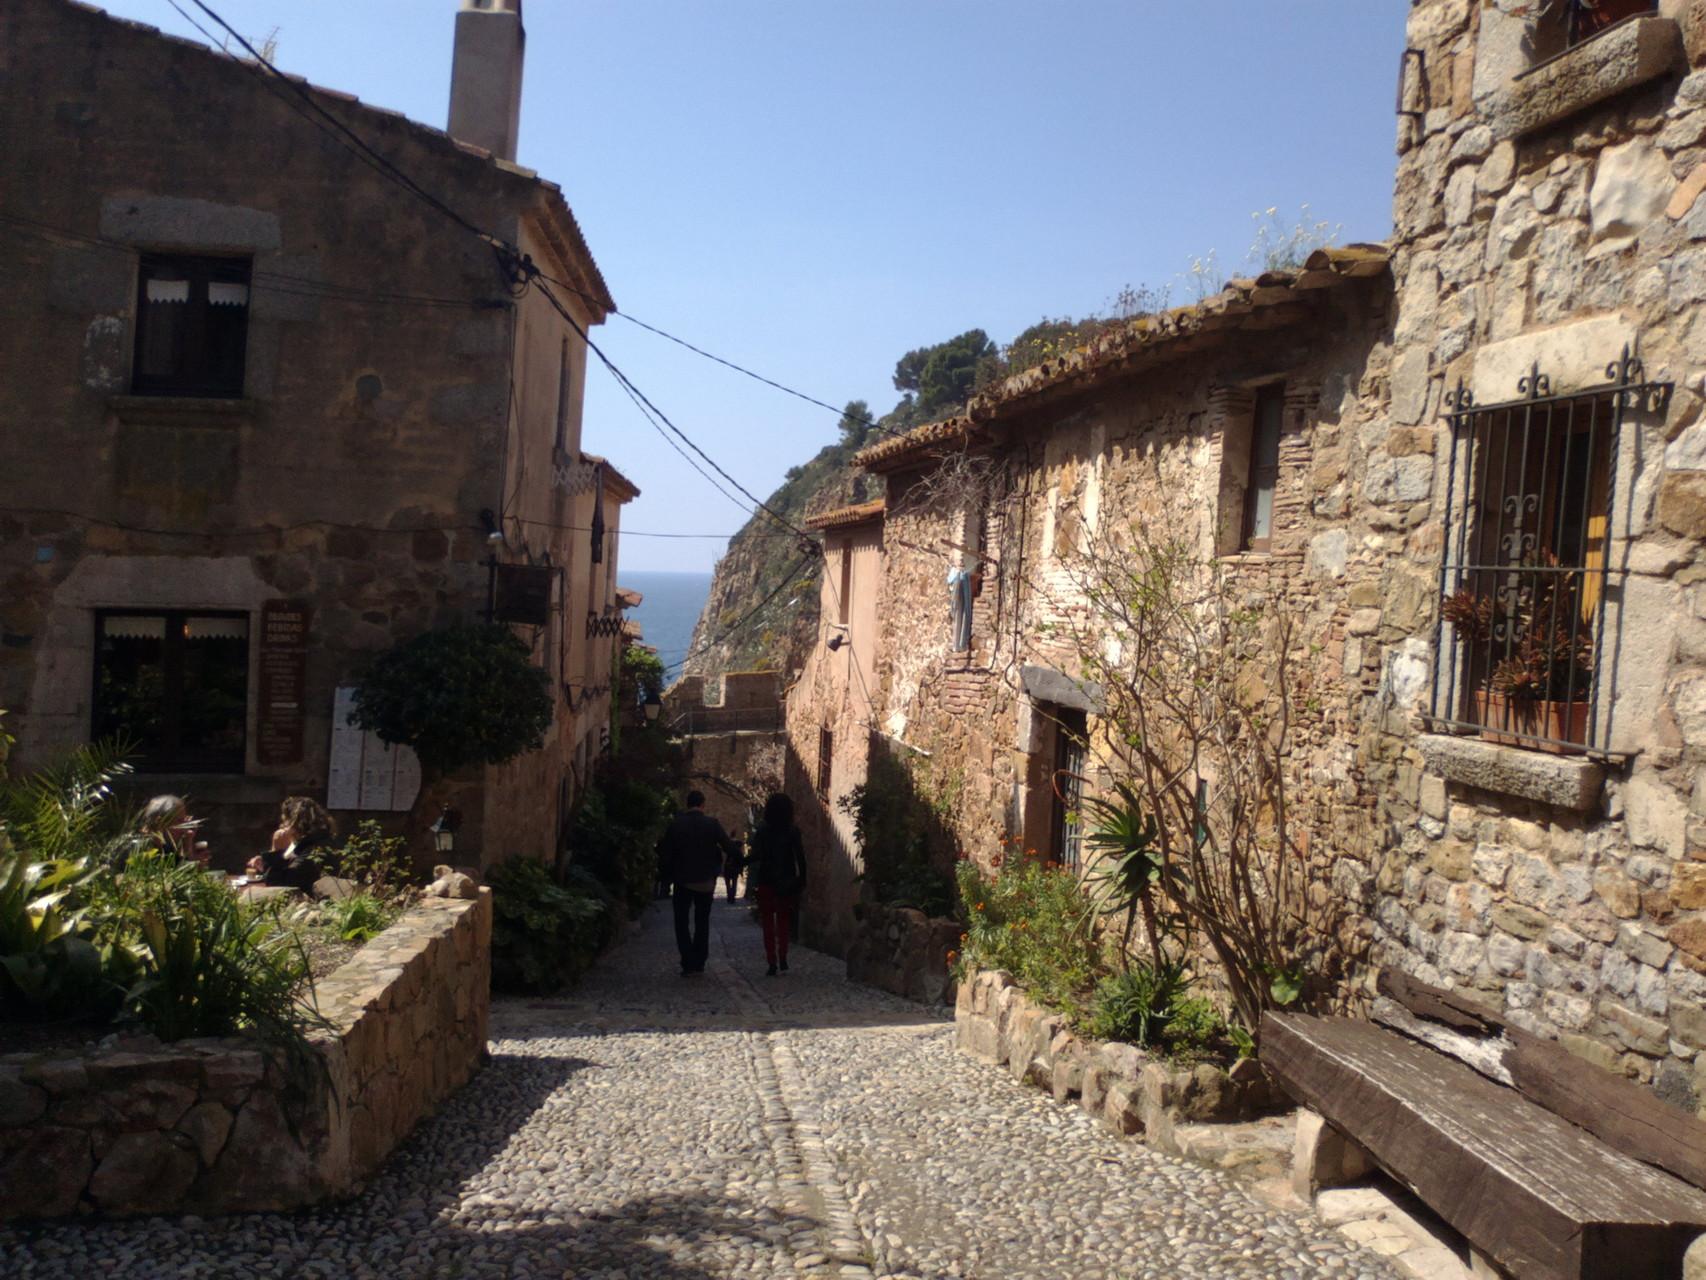 Une rue à Tossa de Mar